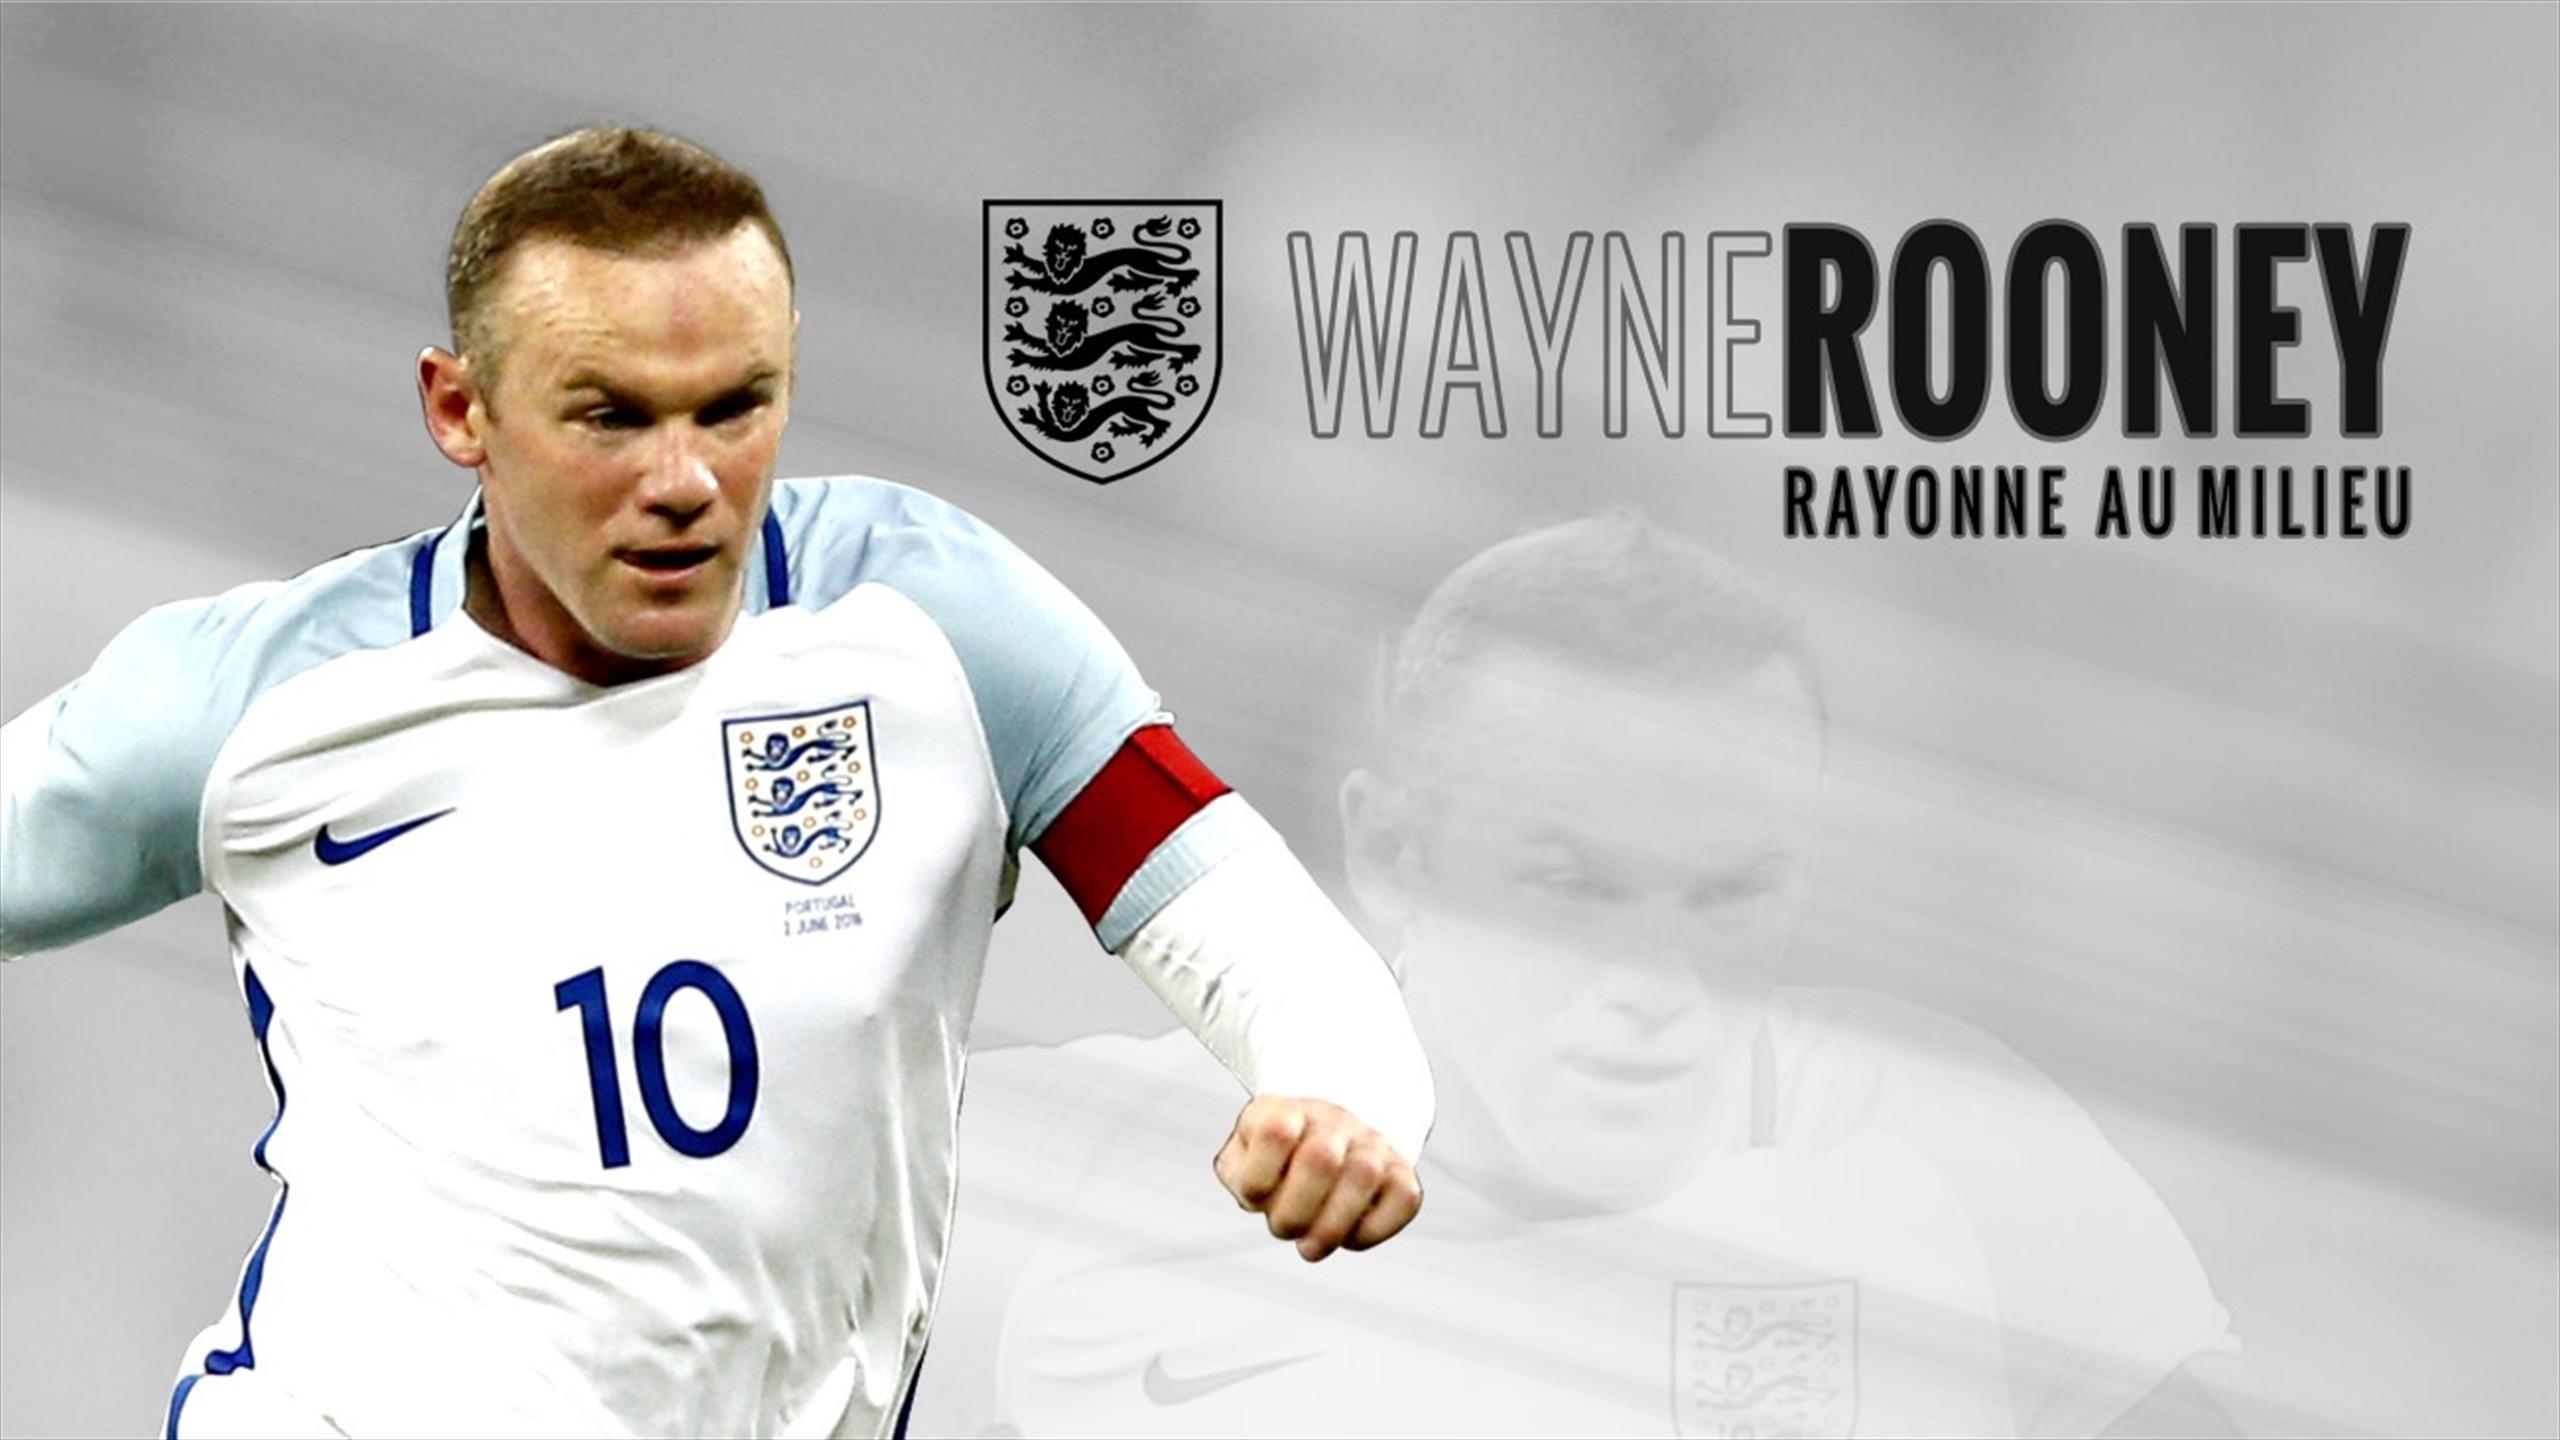 Wayne Rooney une